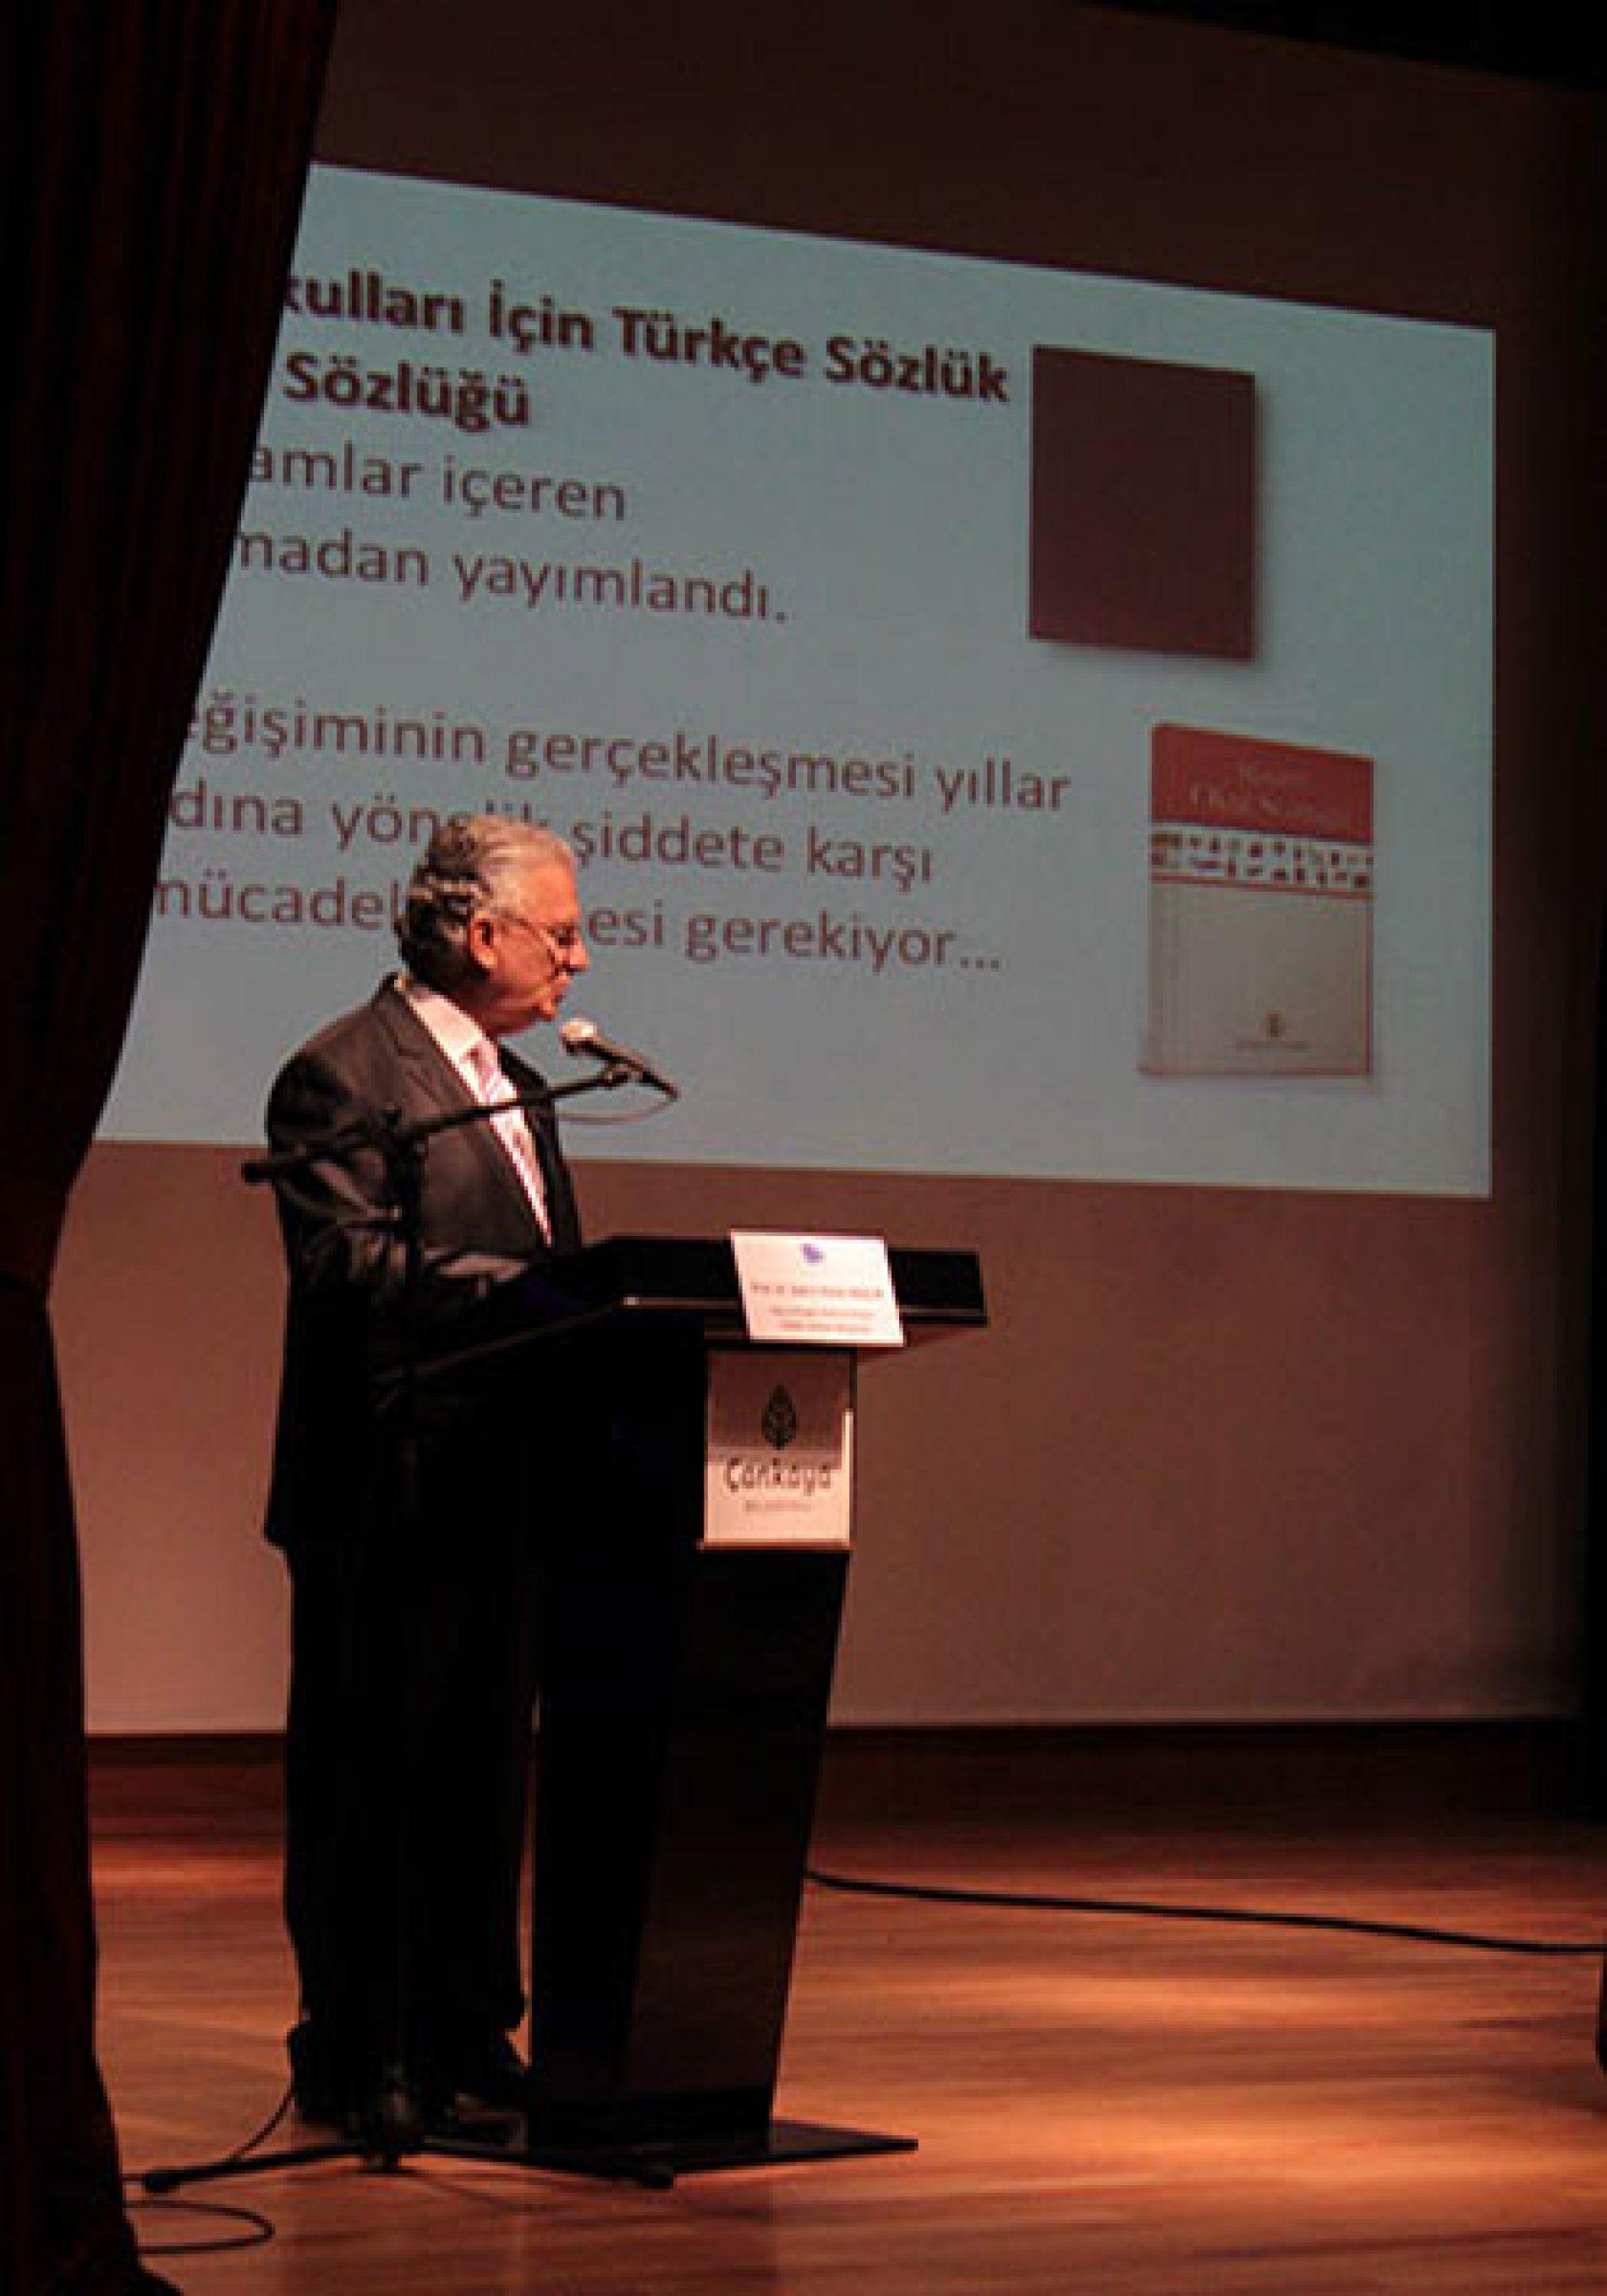 Kadın Edebiyatçılar – Ankara Etkinliği